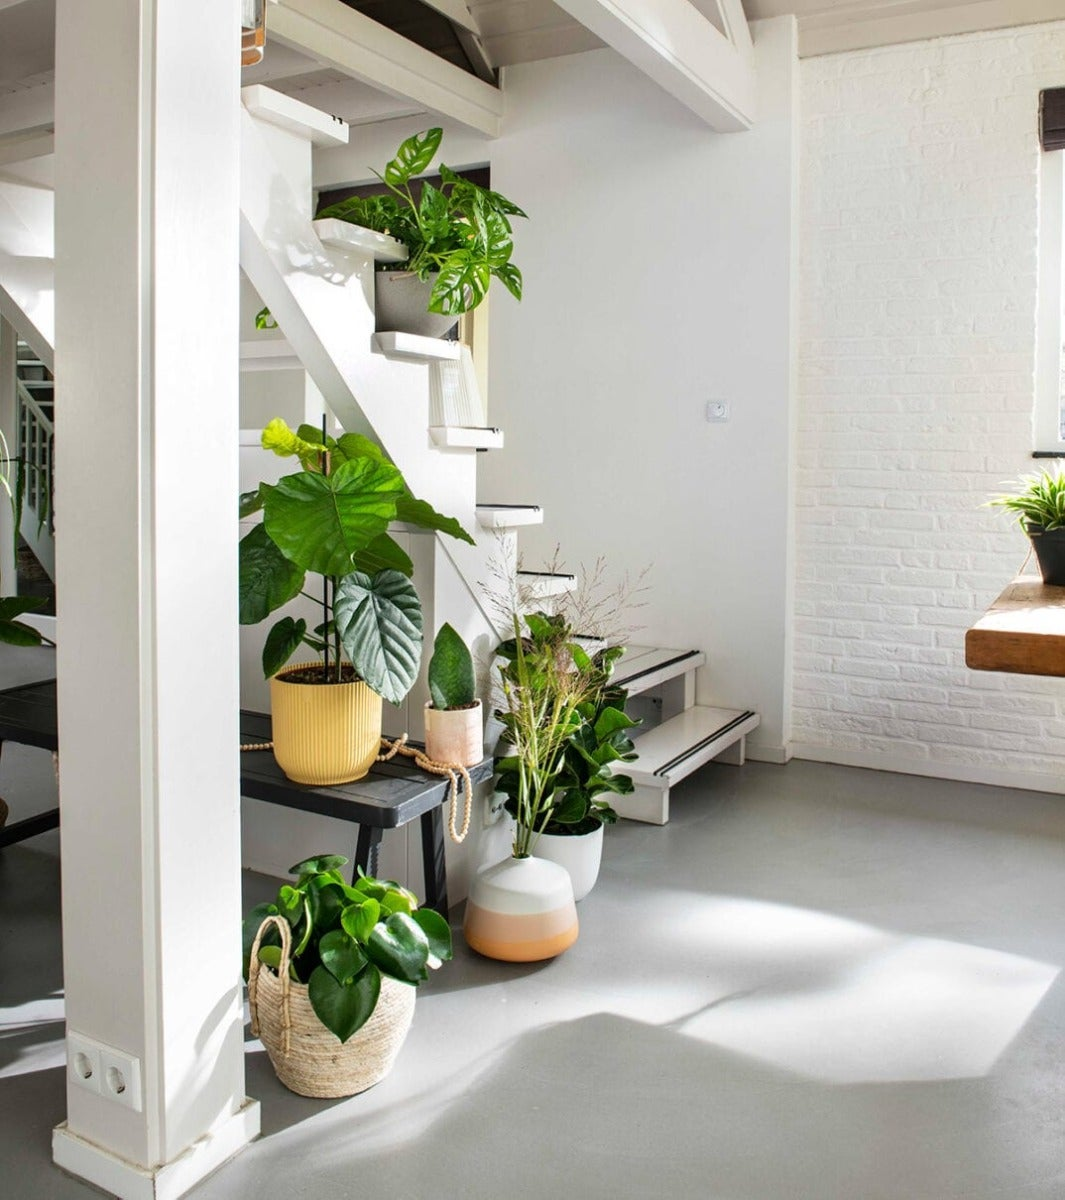 Kamerplanten in huis op de trap